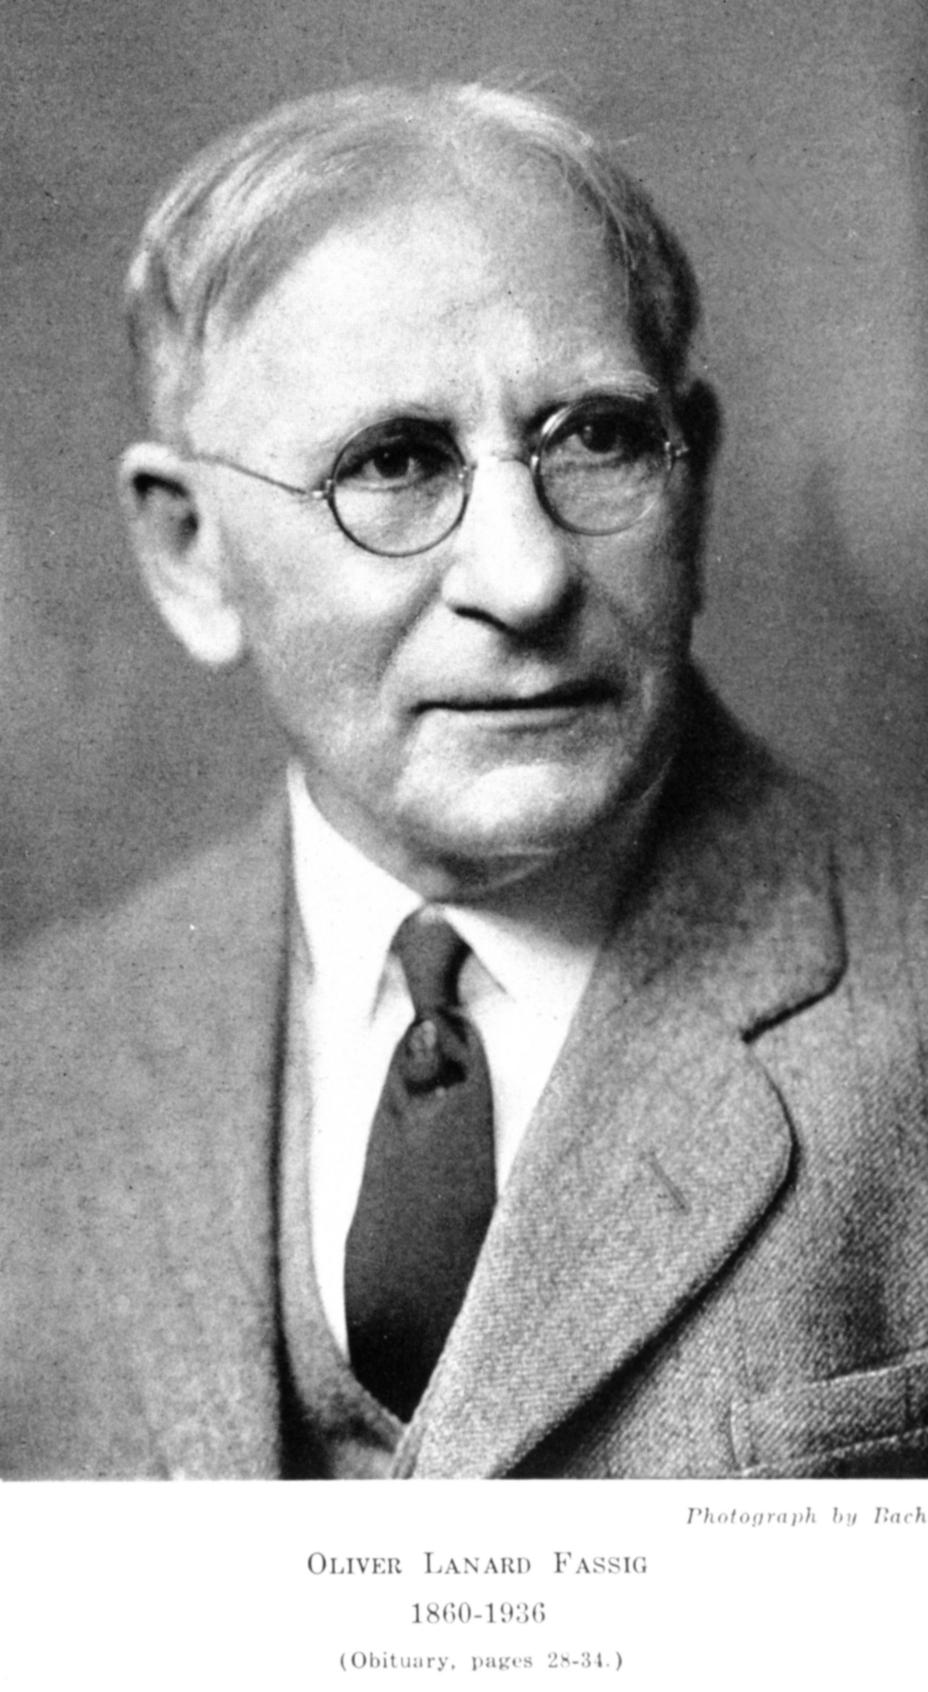 image of Oliver Lanard Fassig